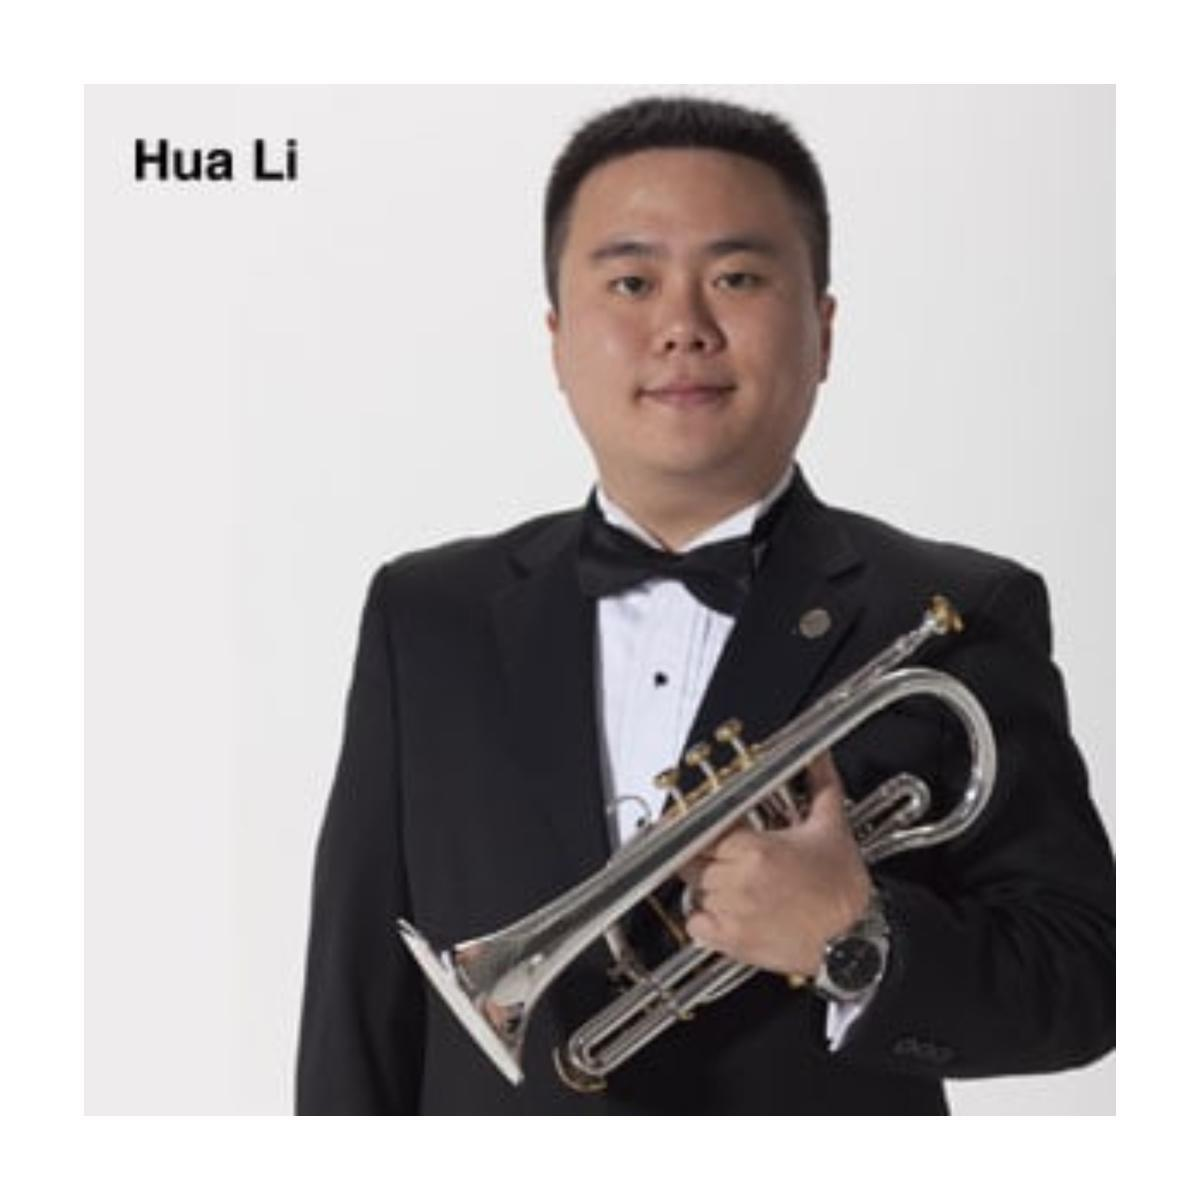 Hua Li